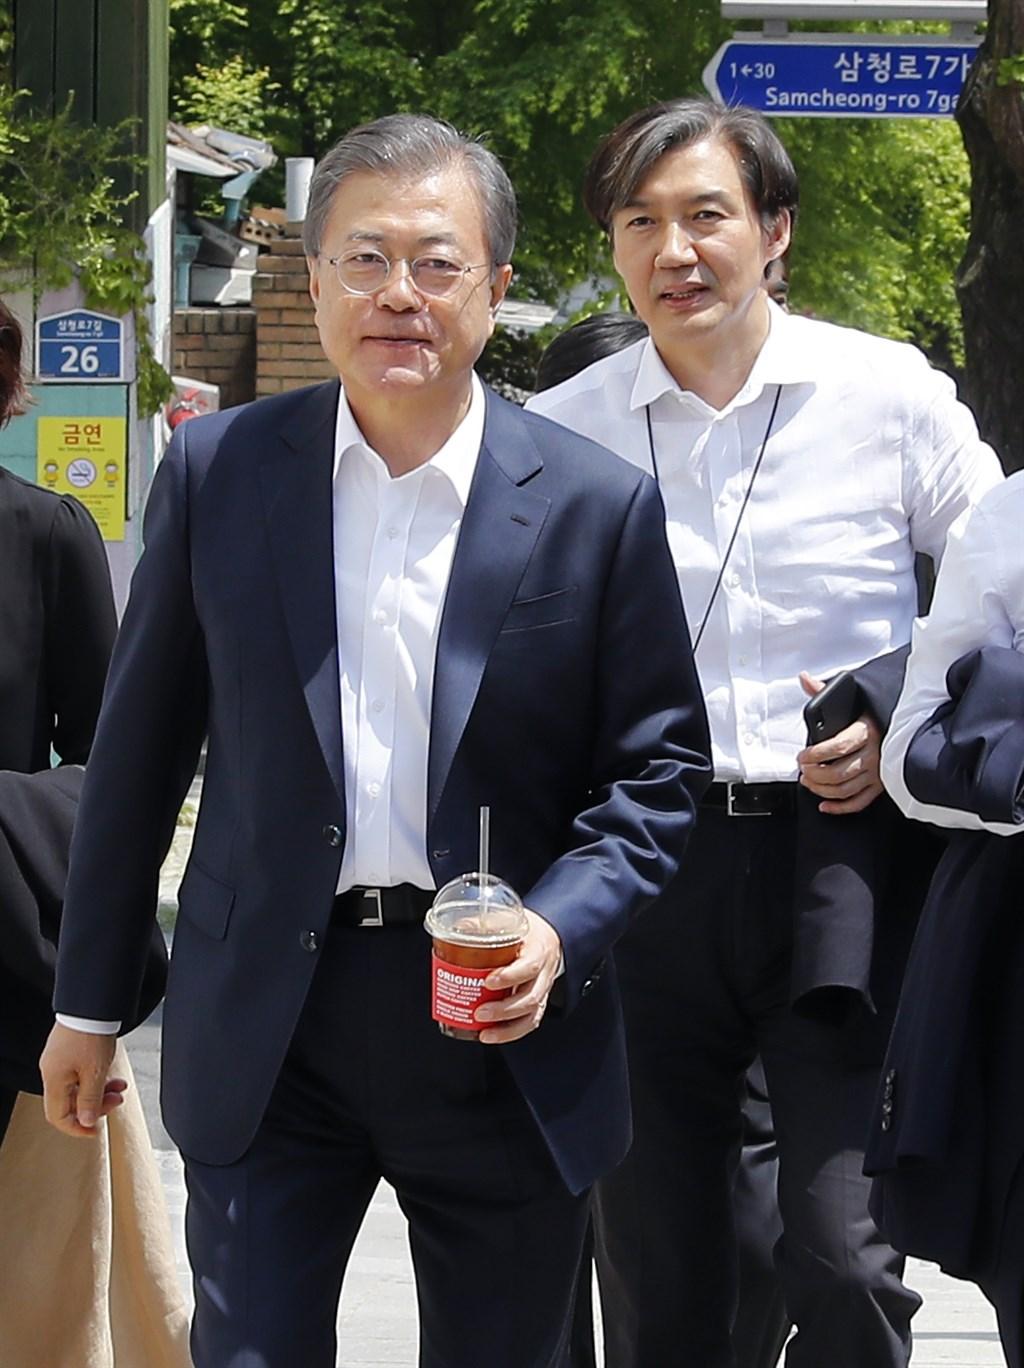 南韓總統文在寅(左)9日任命前青瓦台民政首席秘書曹國(右)為法務部長。(韓聯社提供)